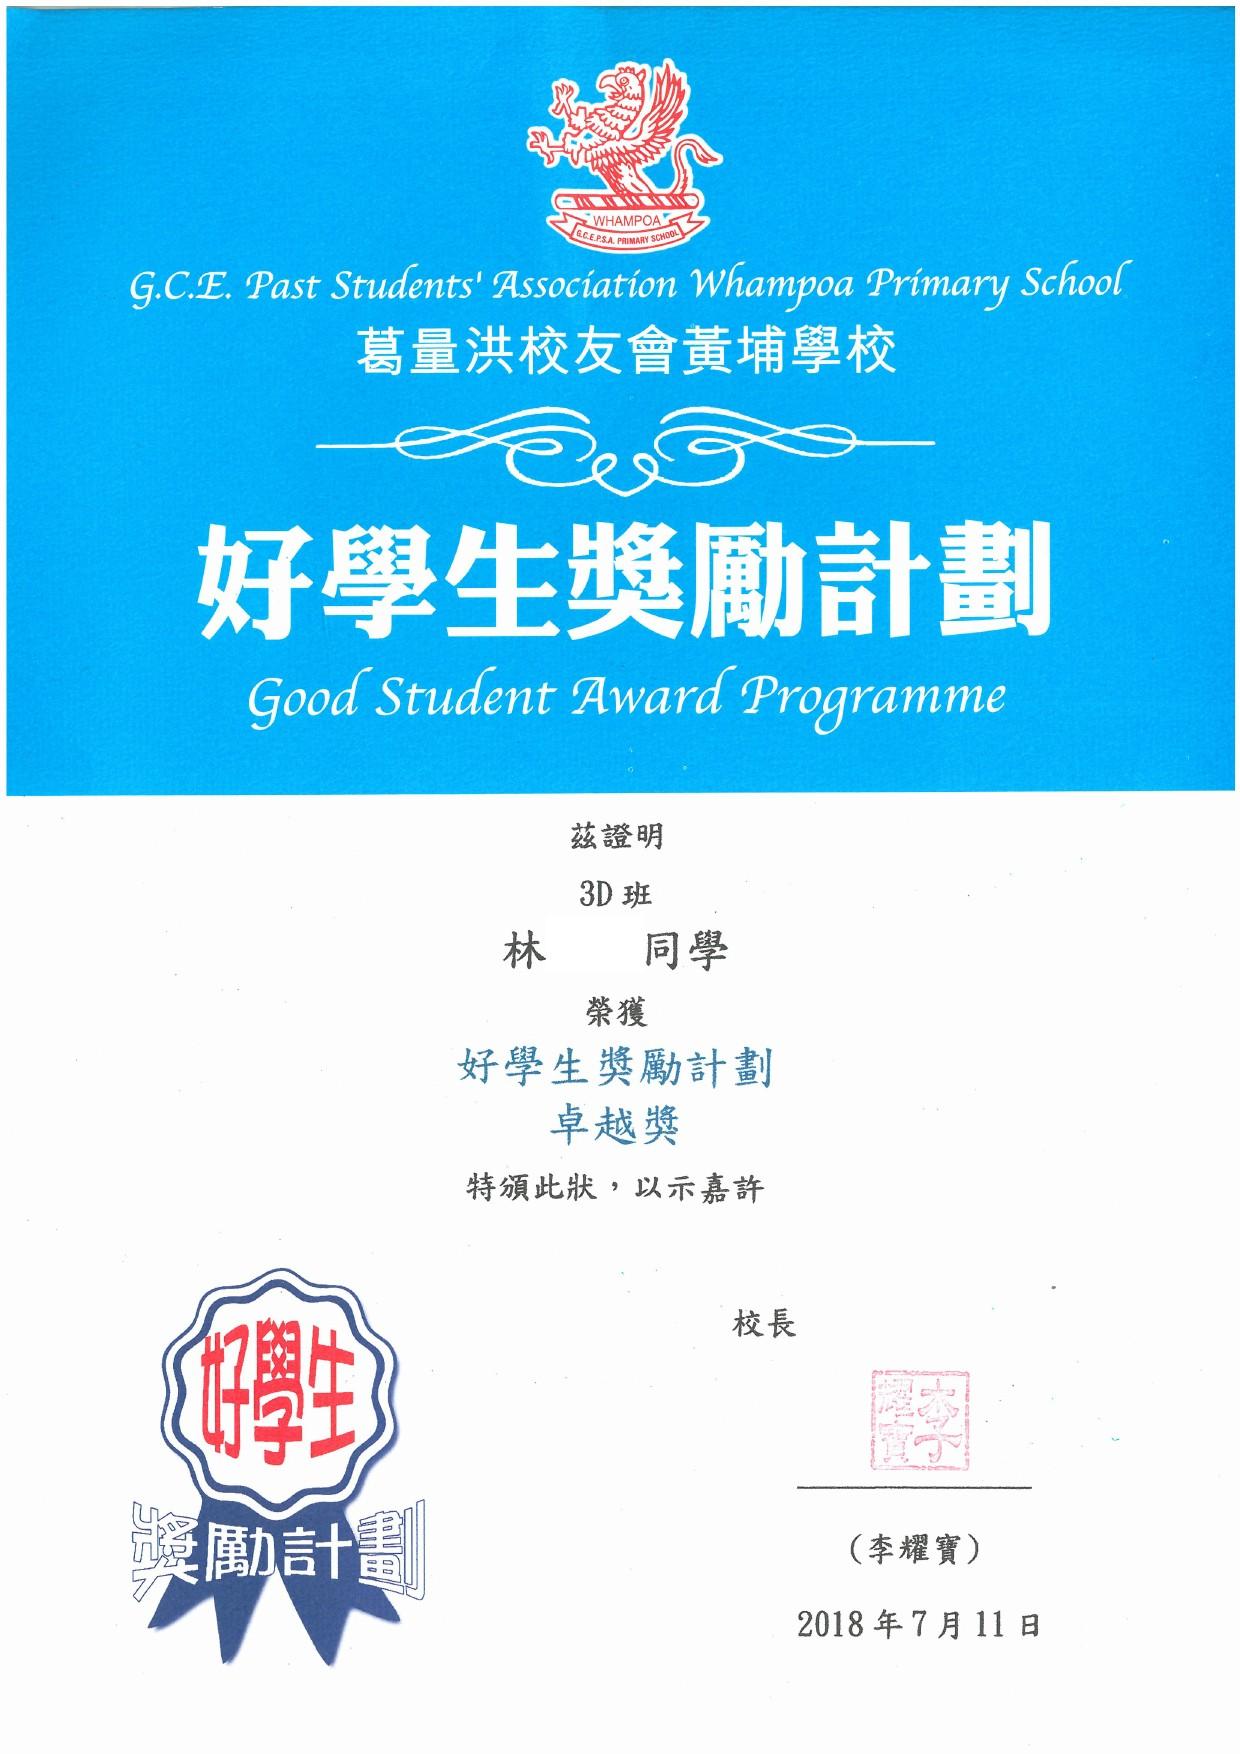 葛 林 P.3 好學生獎勵計劃卓越獎-1